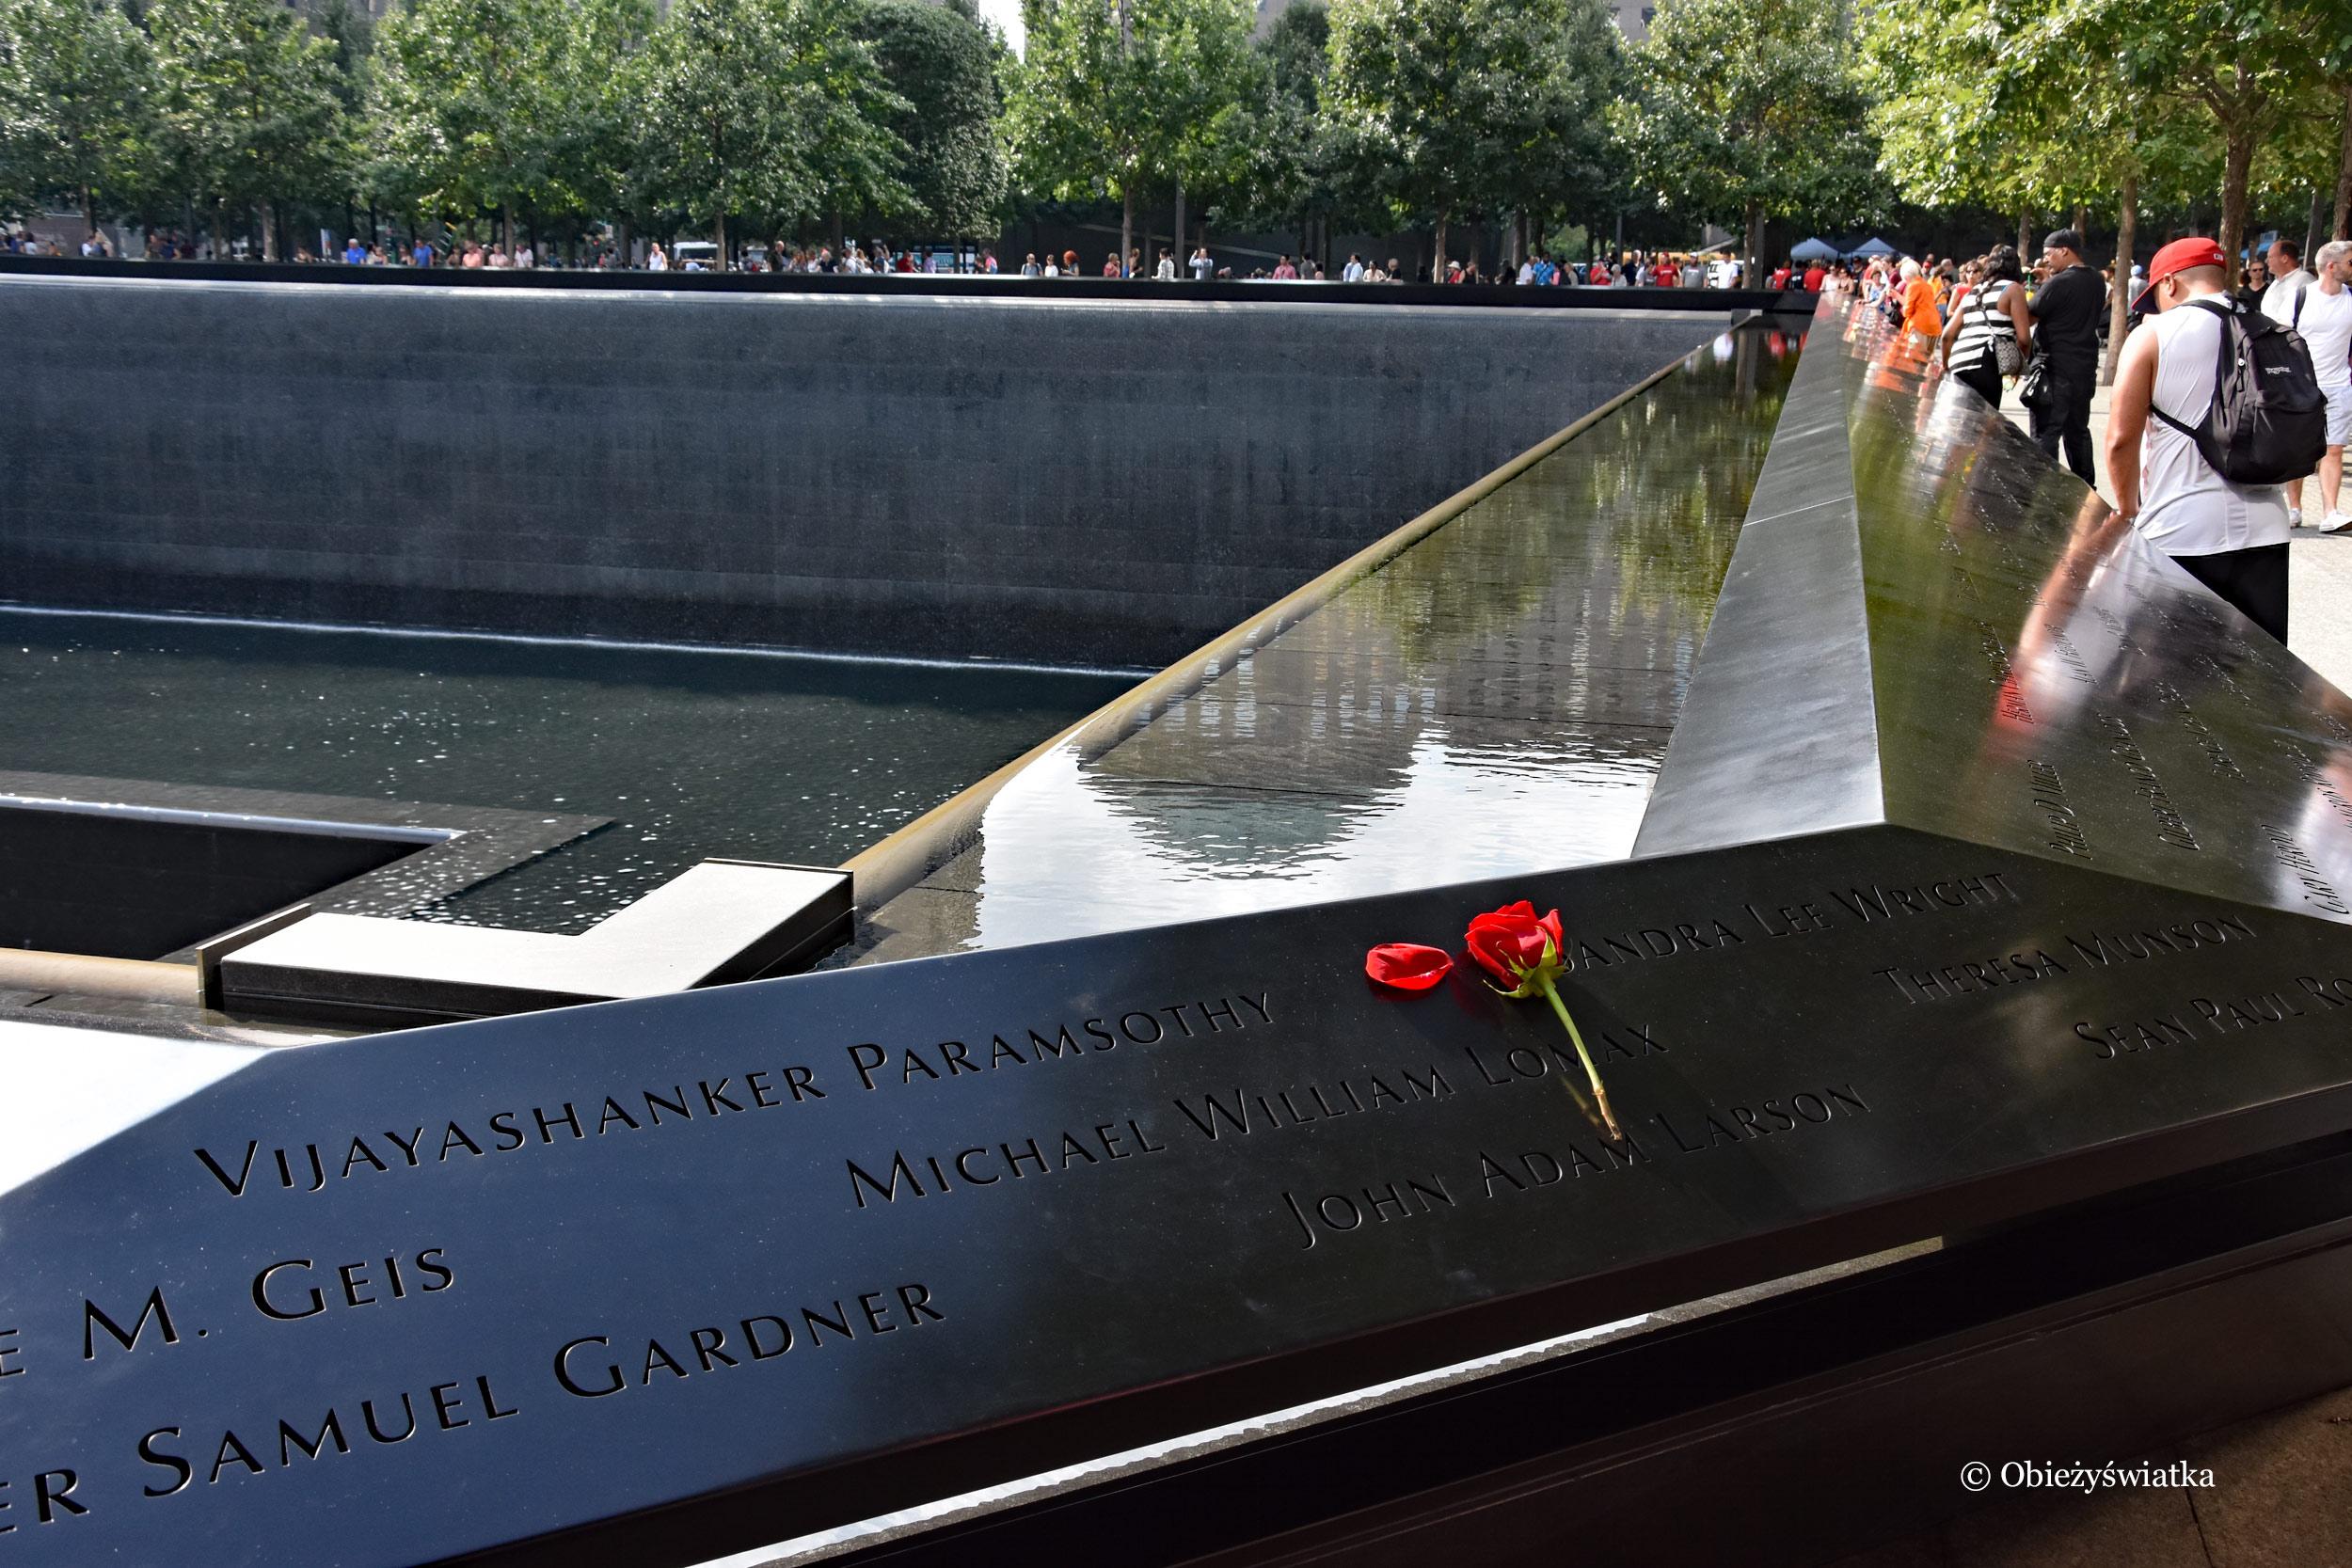 Pomnik 9/11 w Nowym Jorku, Ground Zero